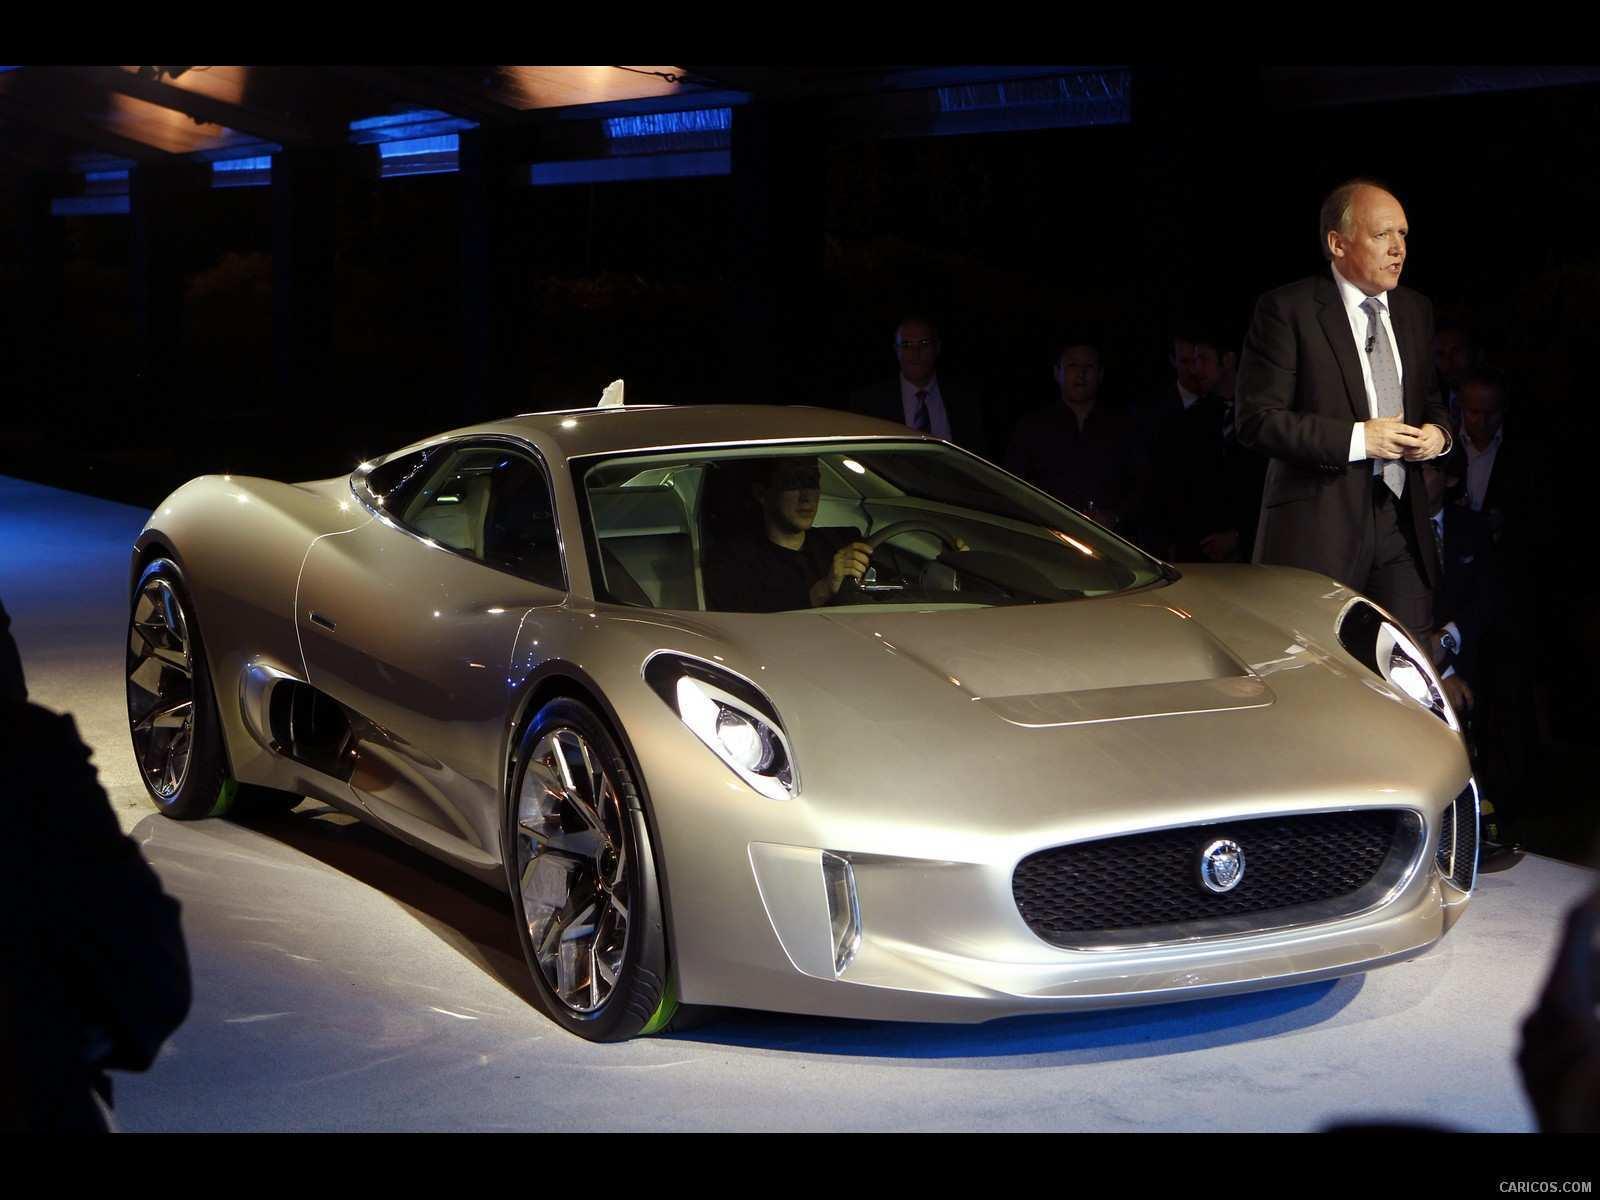 26 New 2020 Jaguar J Type Pricing with 2020 Jaguar J Type